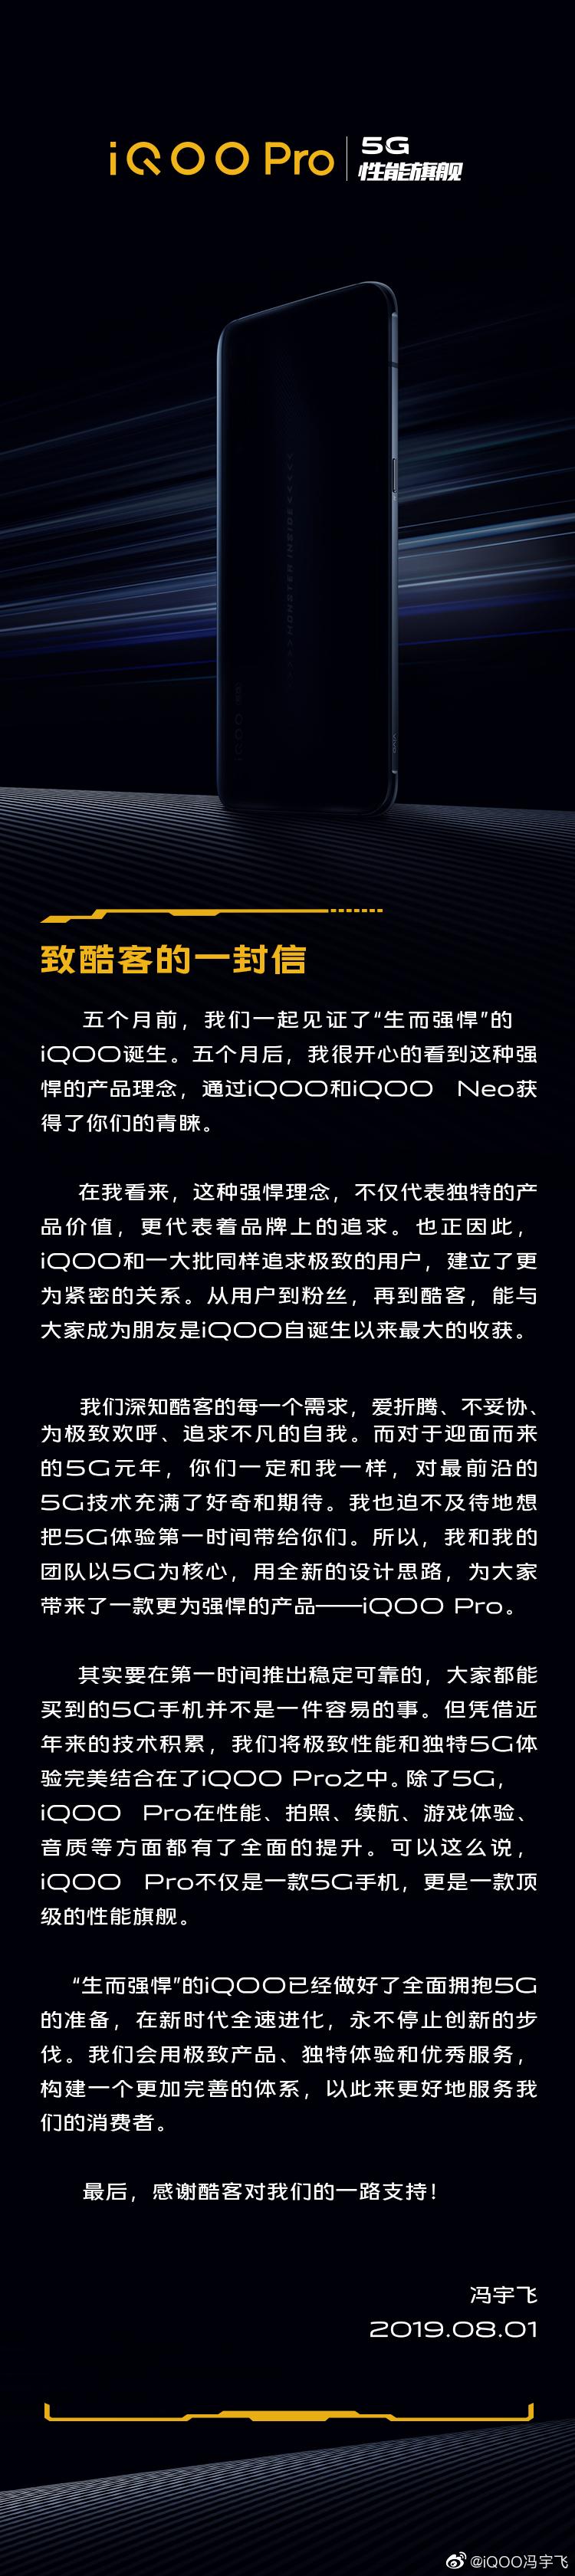 冯宇飞 iQOO Pro不仅支持5G